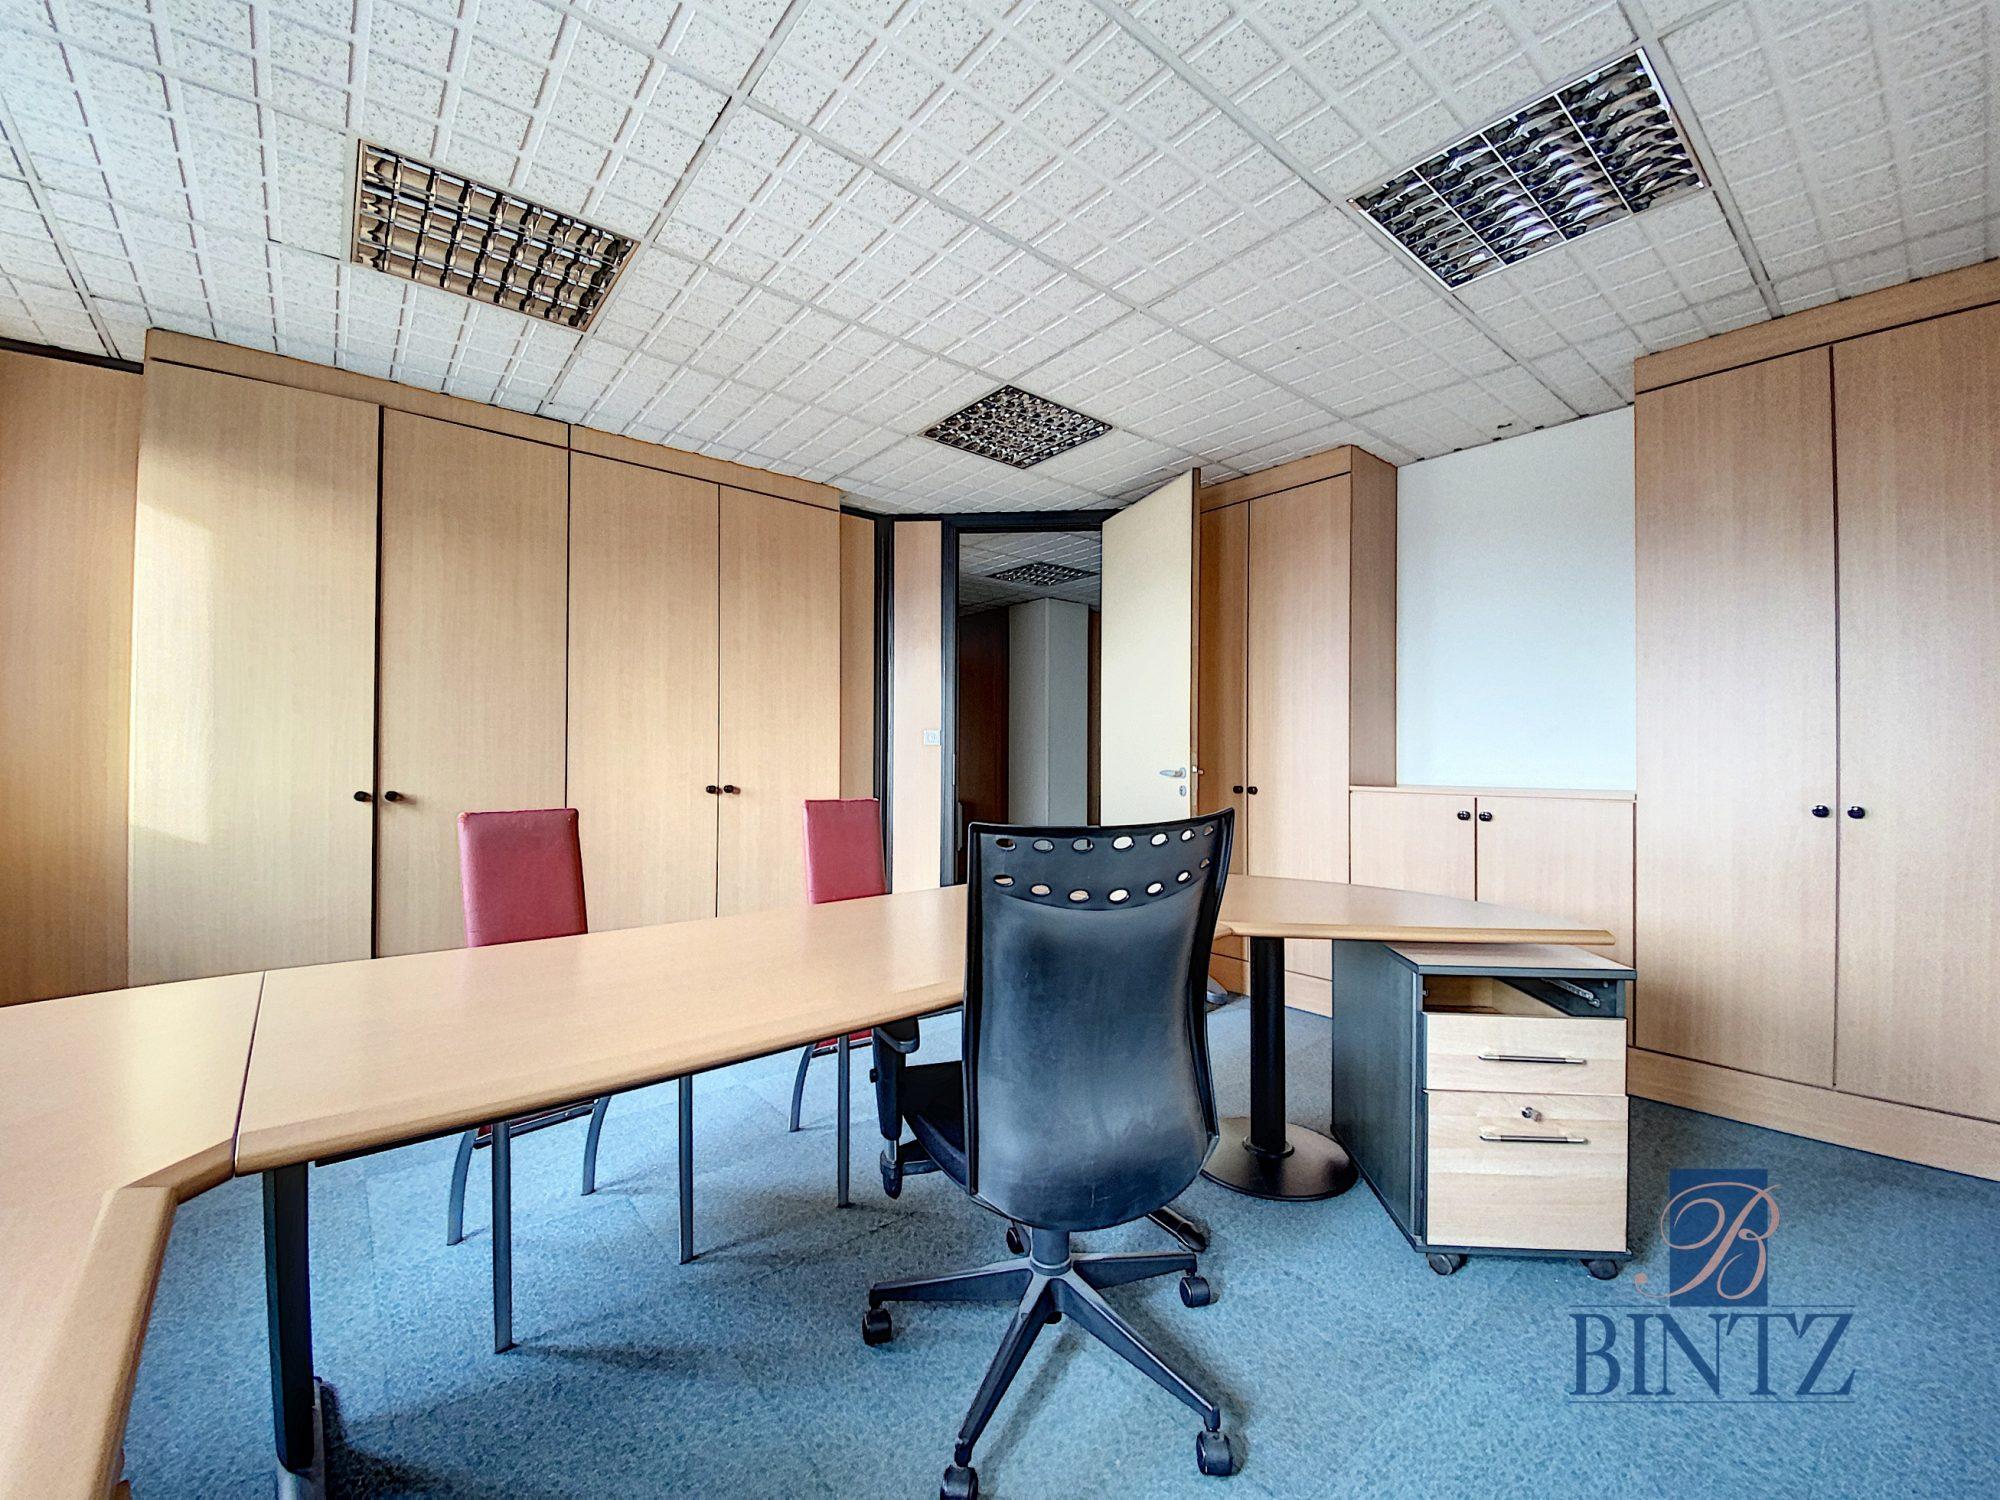 Bureaux à louer – 250m2 Quartier Fisher à Schiltigheim - Devenez locataire en toute sérénité - Bintz Immobilier - 13